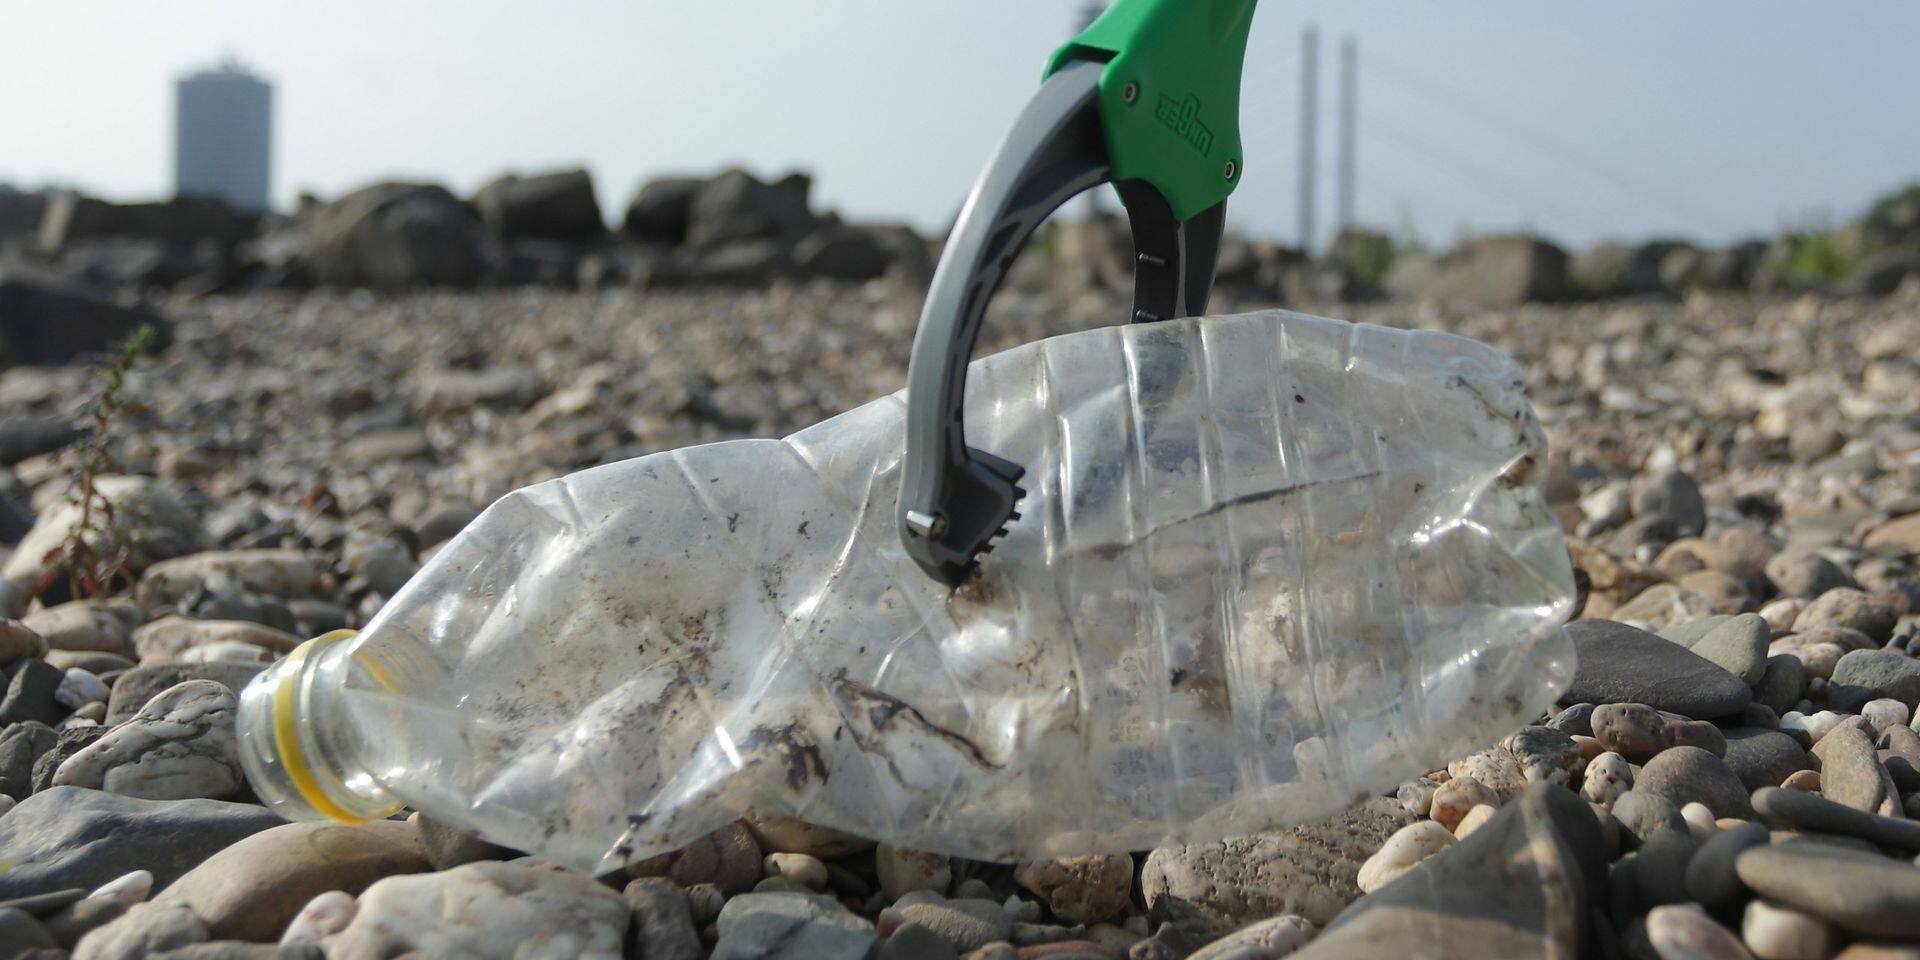 Les entreprises belges pourraient recycler 34.000 tonnes de plastique supplémentaires